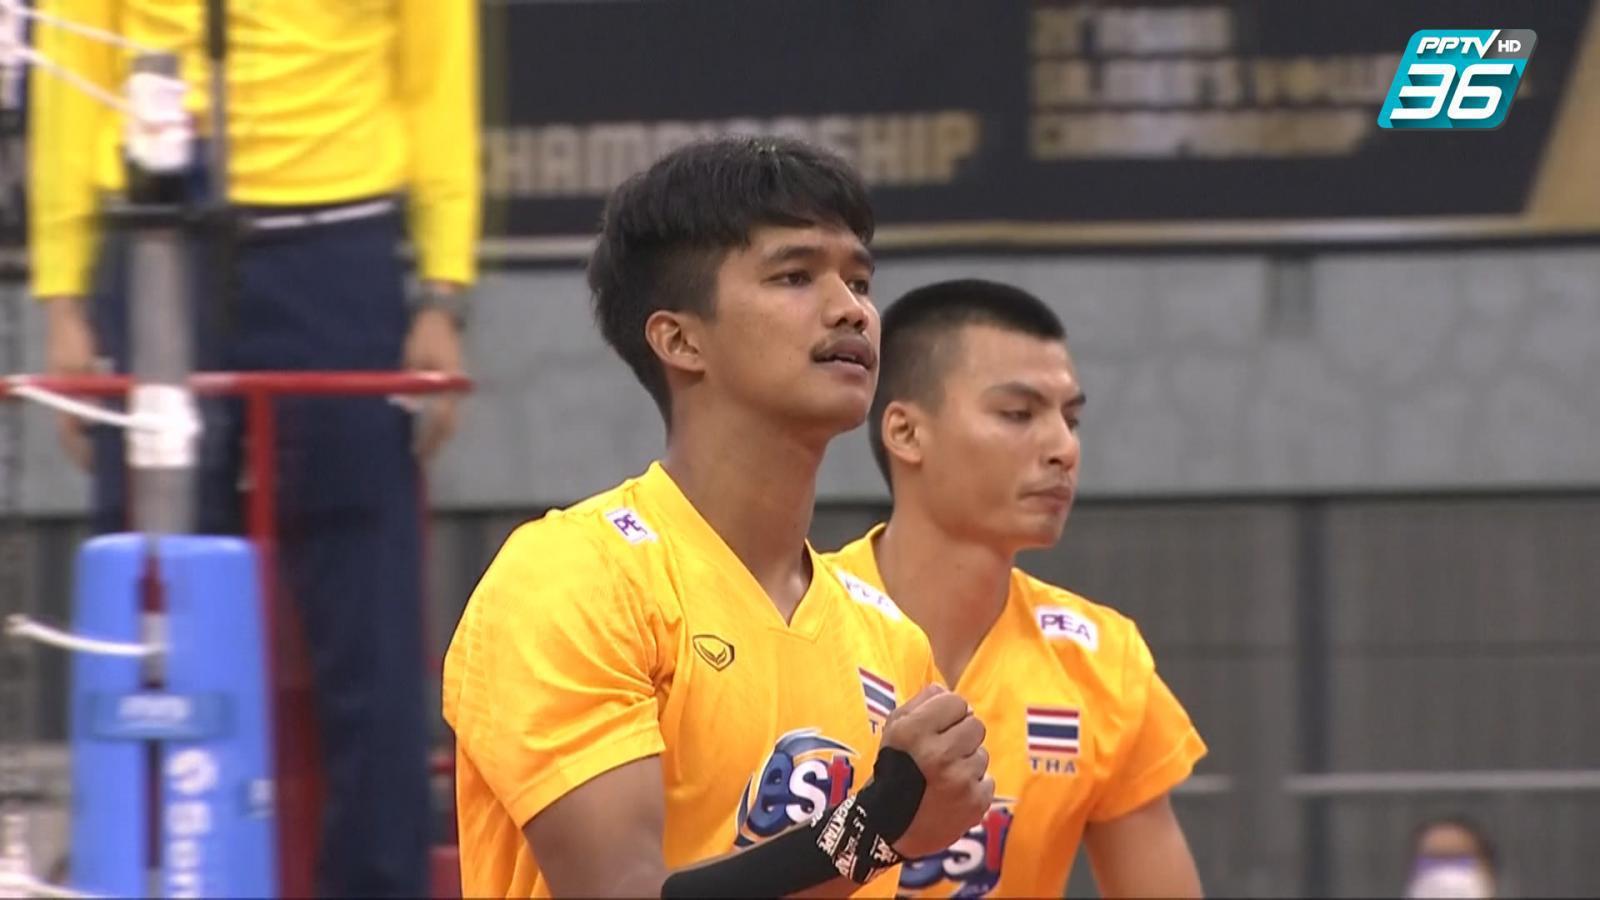 ไฮไลท์   พีพีทีวี วอลเลย์บอลชาย เจวีเอ ชิงชนะเลิศแห่งเอเชีย   ไทย พบ ฮ่องกง    14 ก.ย. 64